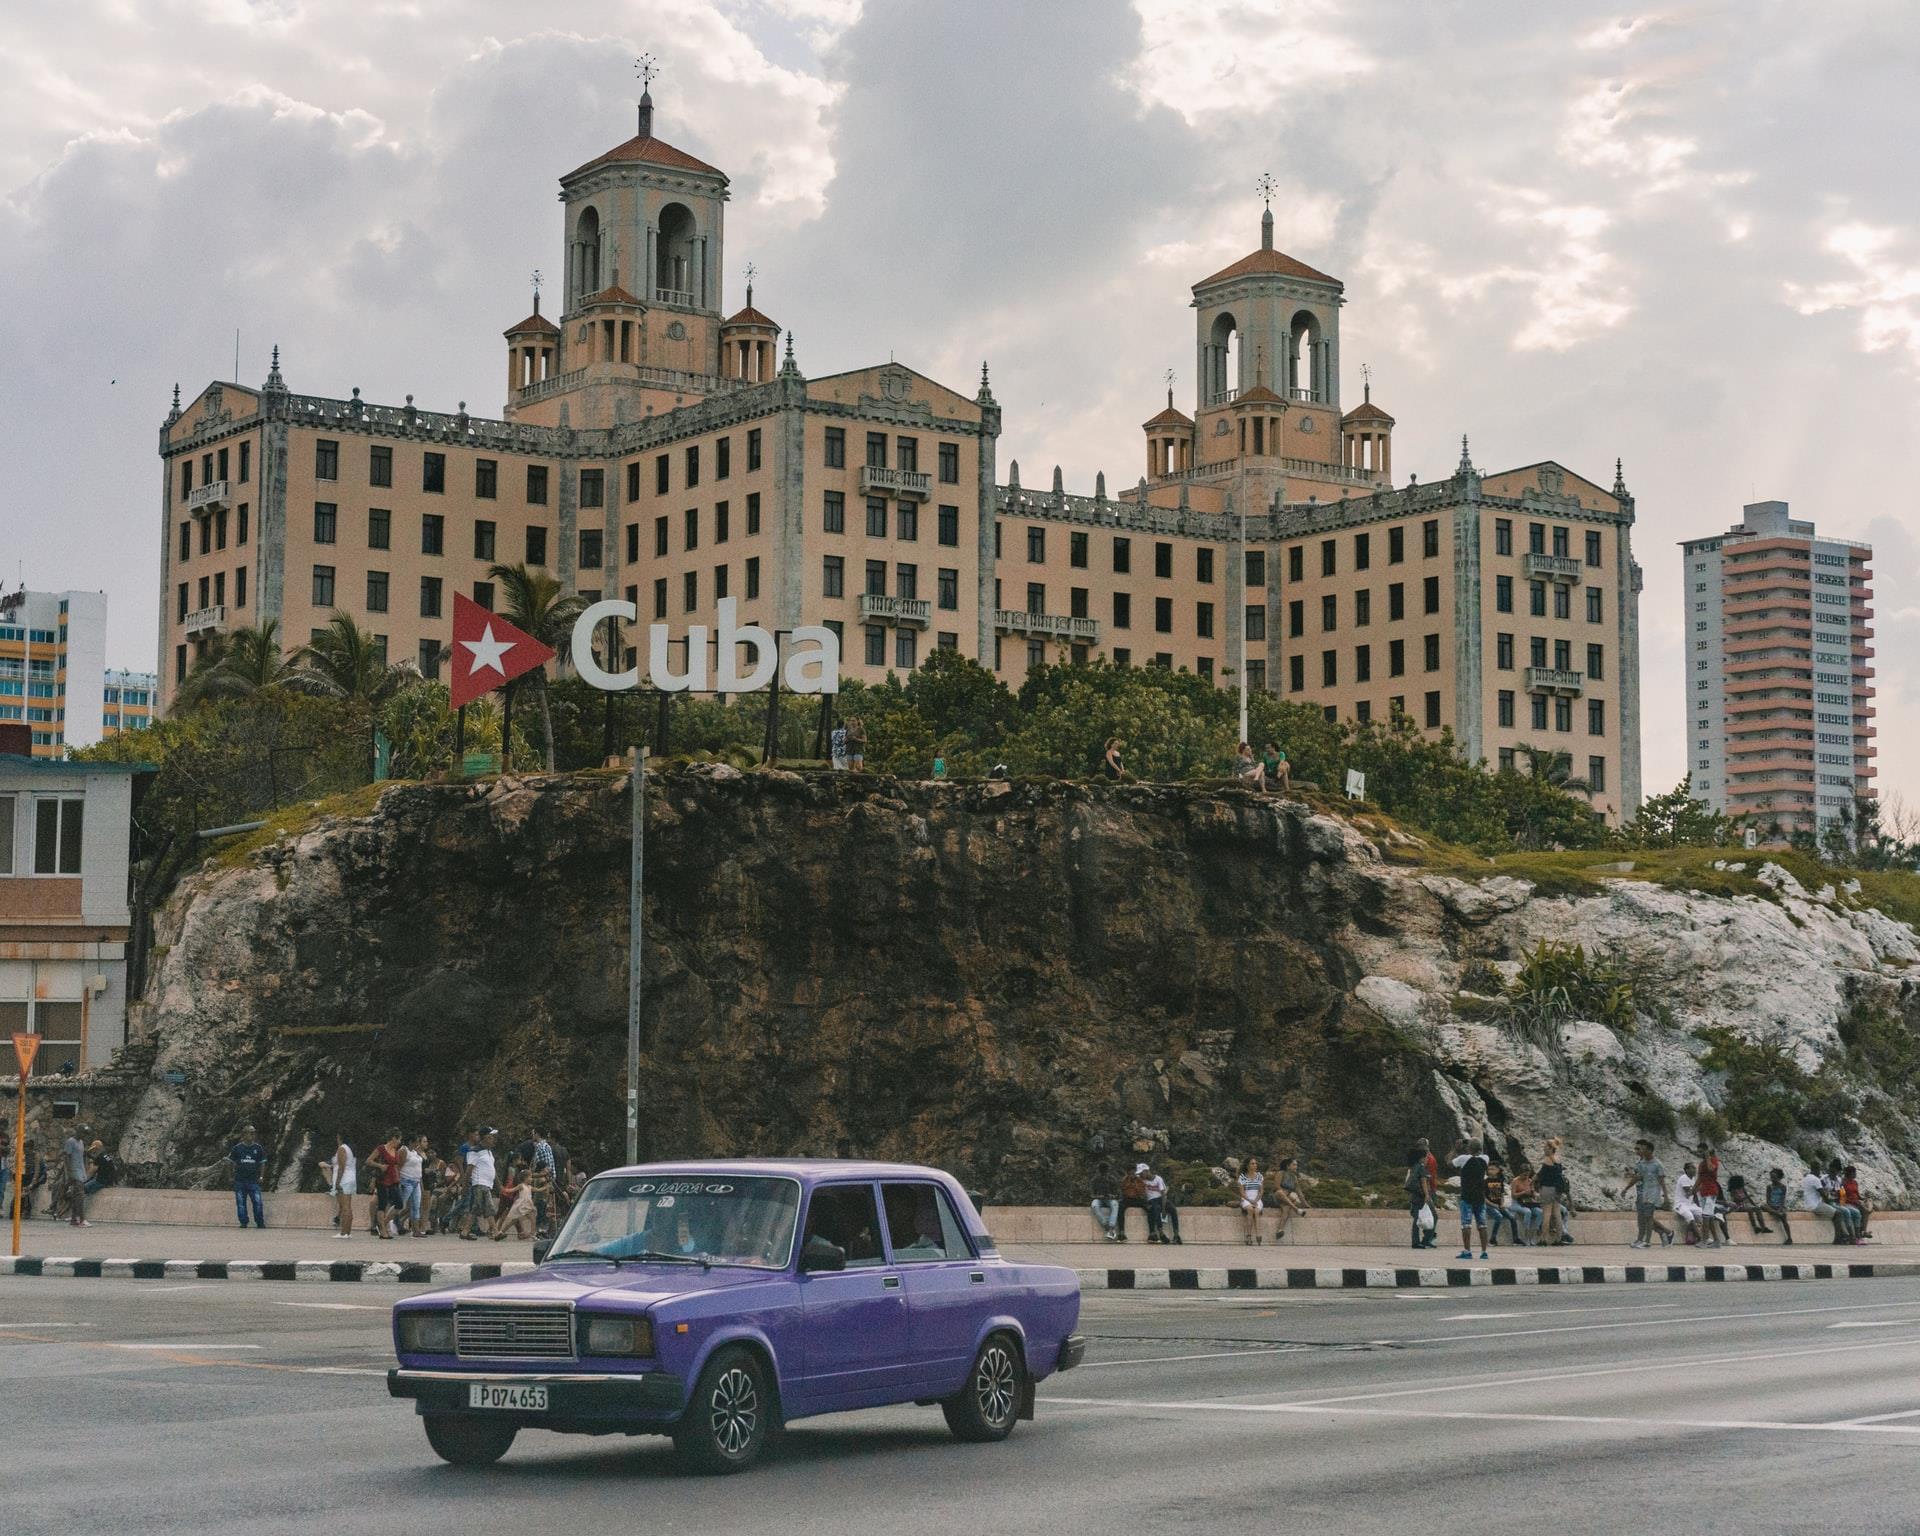 Fotografia de uma avenida da capital cubana, vê-se um carro antigo no centro da imagem.